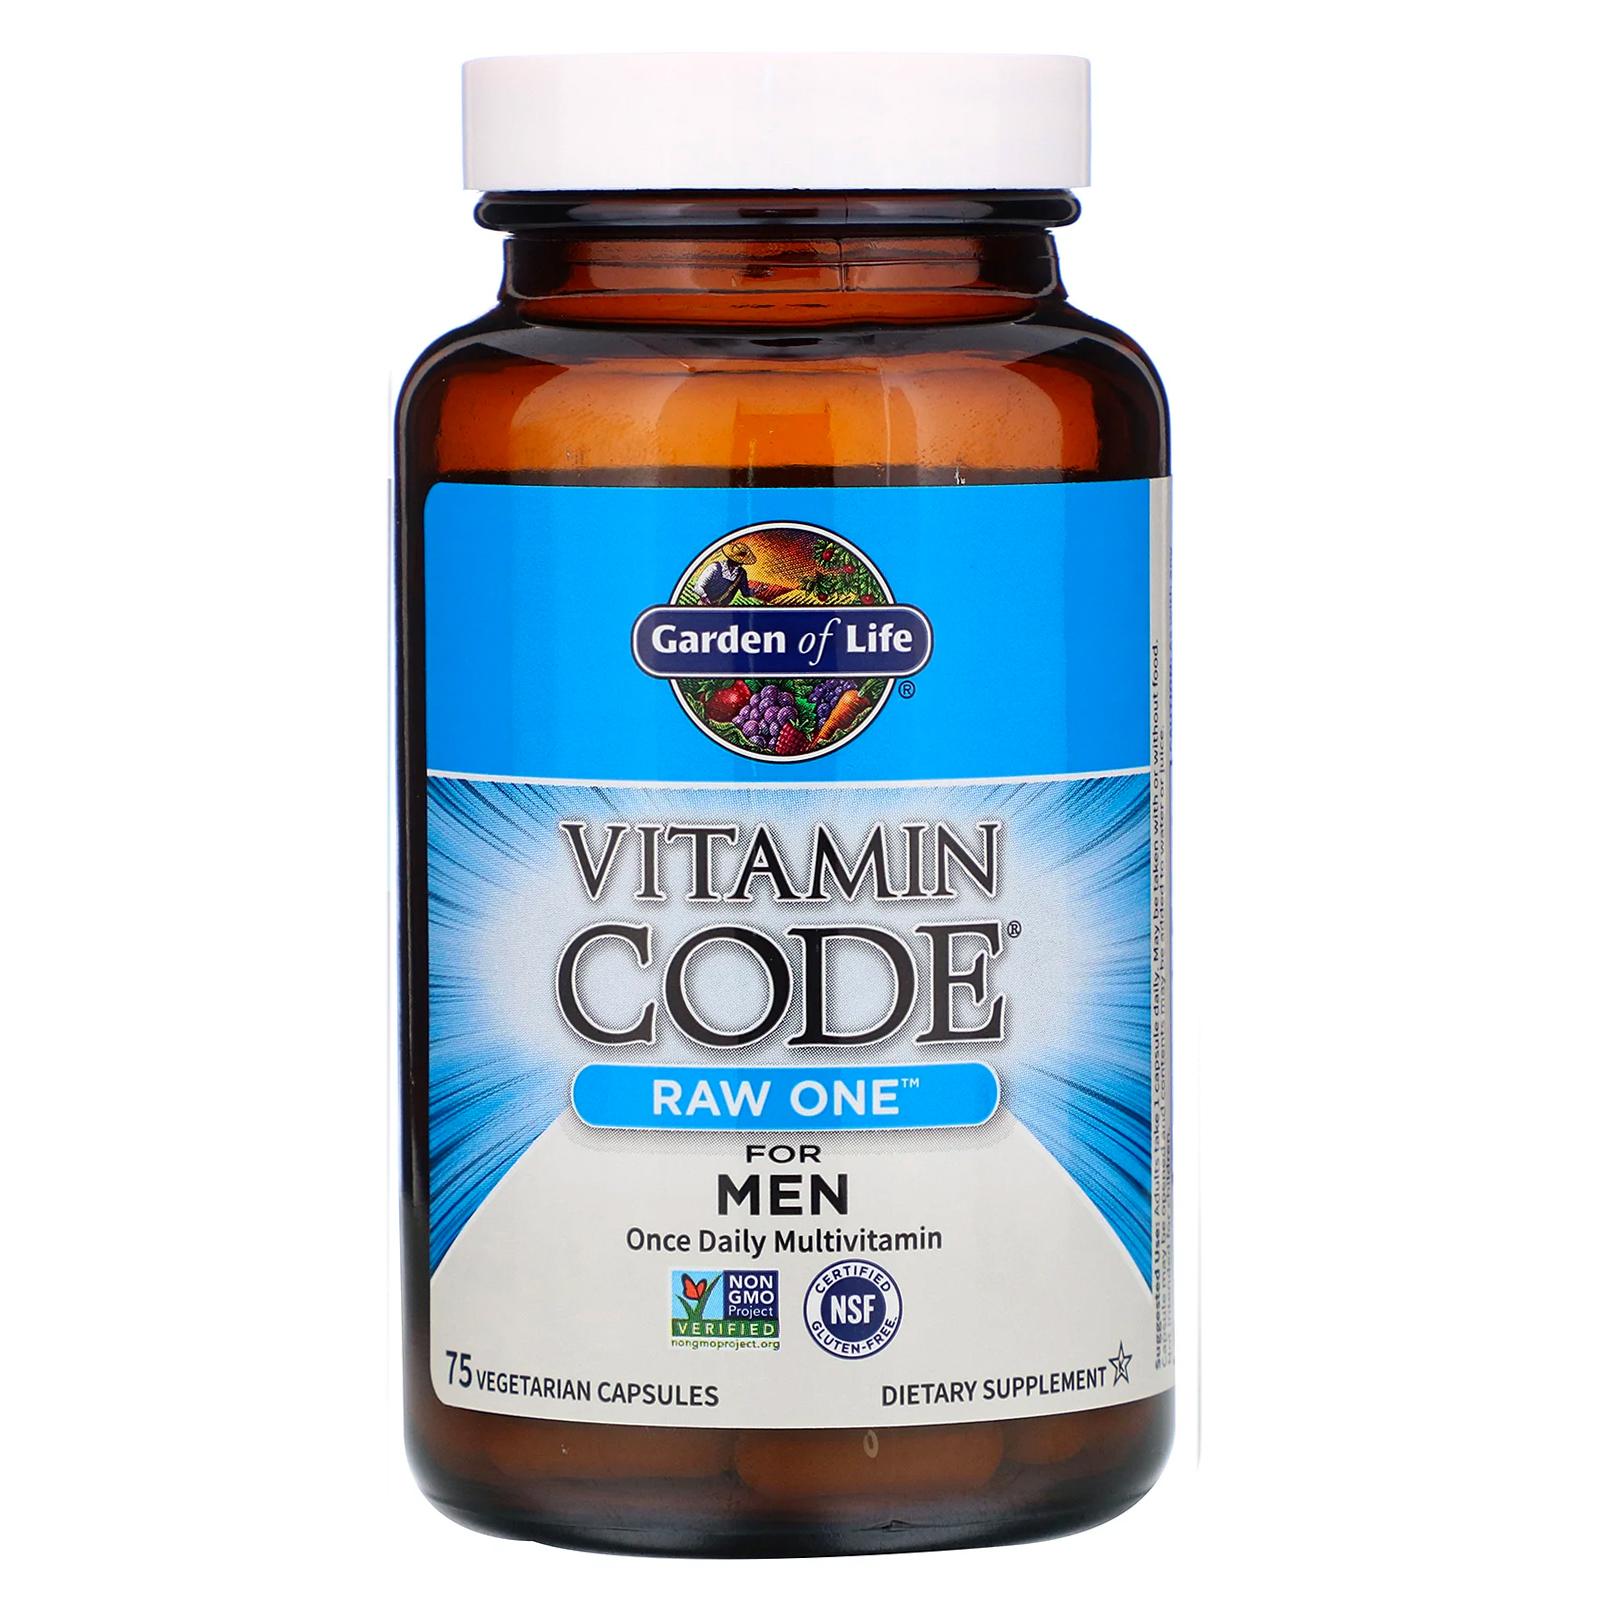 فيتامين كود للنساء فيتامين كود للشعر مكونات فيتامين كود Vitamin Code سعر فيتامين كود للرجال النهدي فيتامين كود في مصر فيتامين كود الزنك فيتامين Vitamin Code